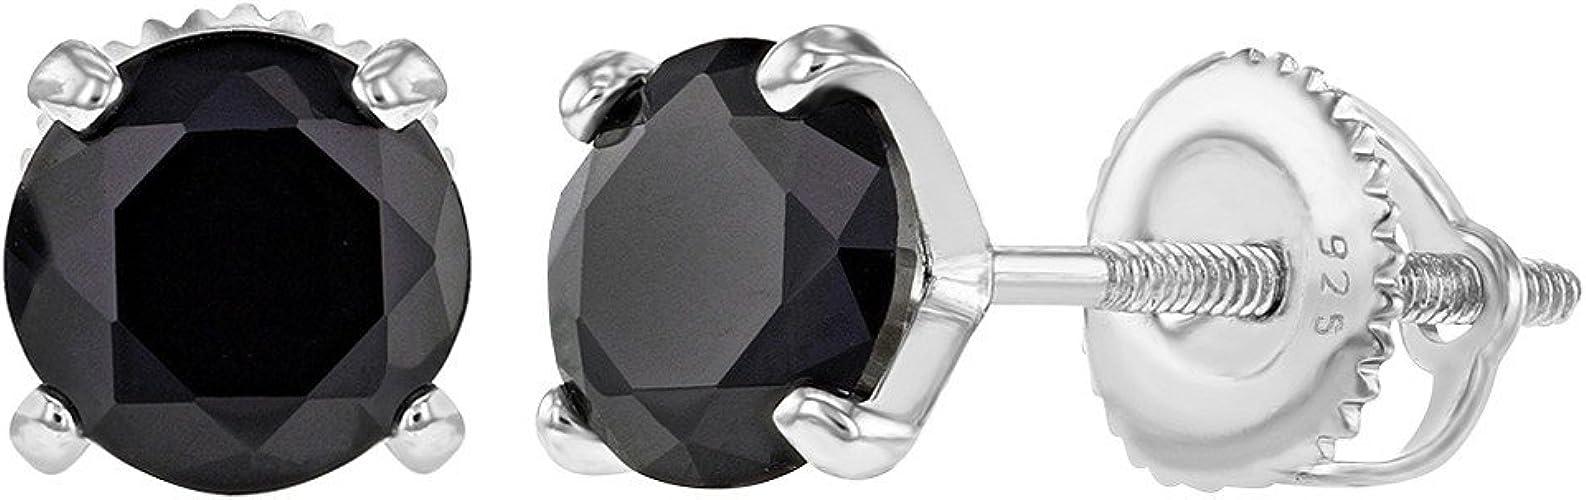 Voroco nuevo S925 Aretes Plata Esterlina Con Negro Cubic Zirconia Belleza Mujer Joyas